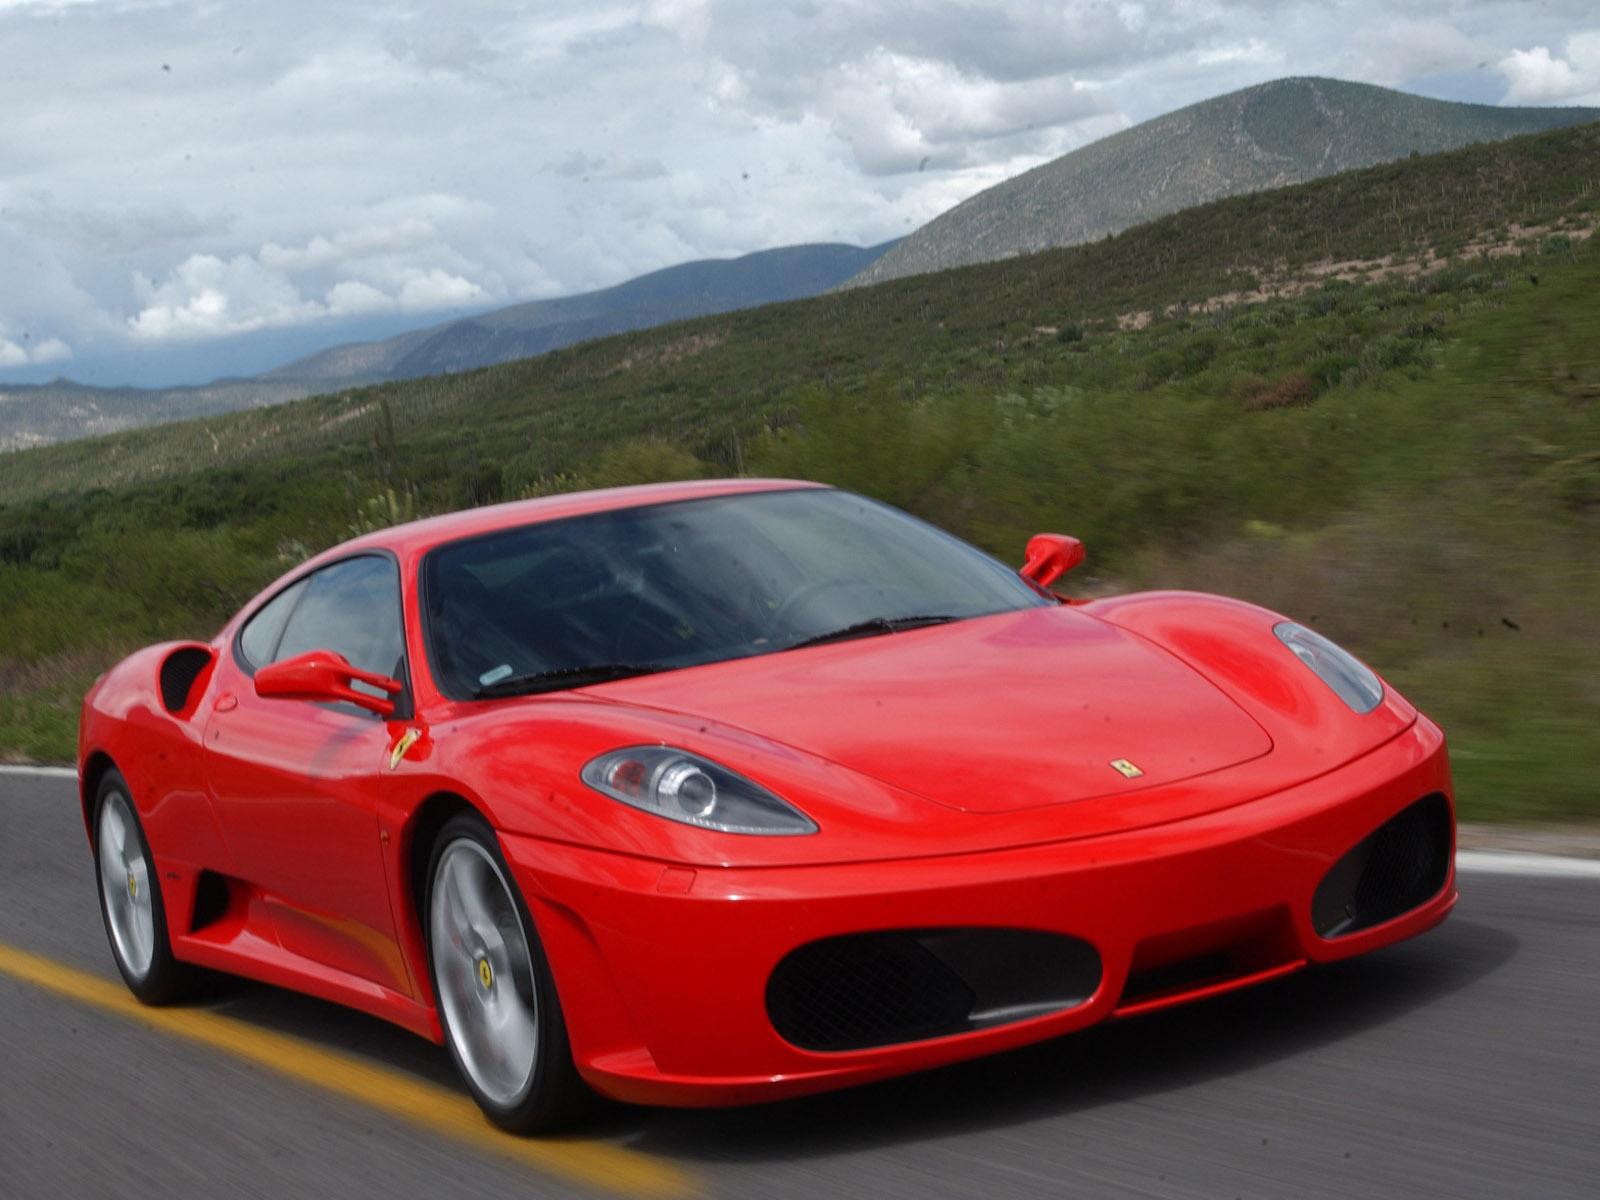 Ferrari-road-wallpaper